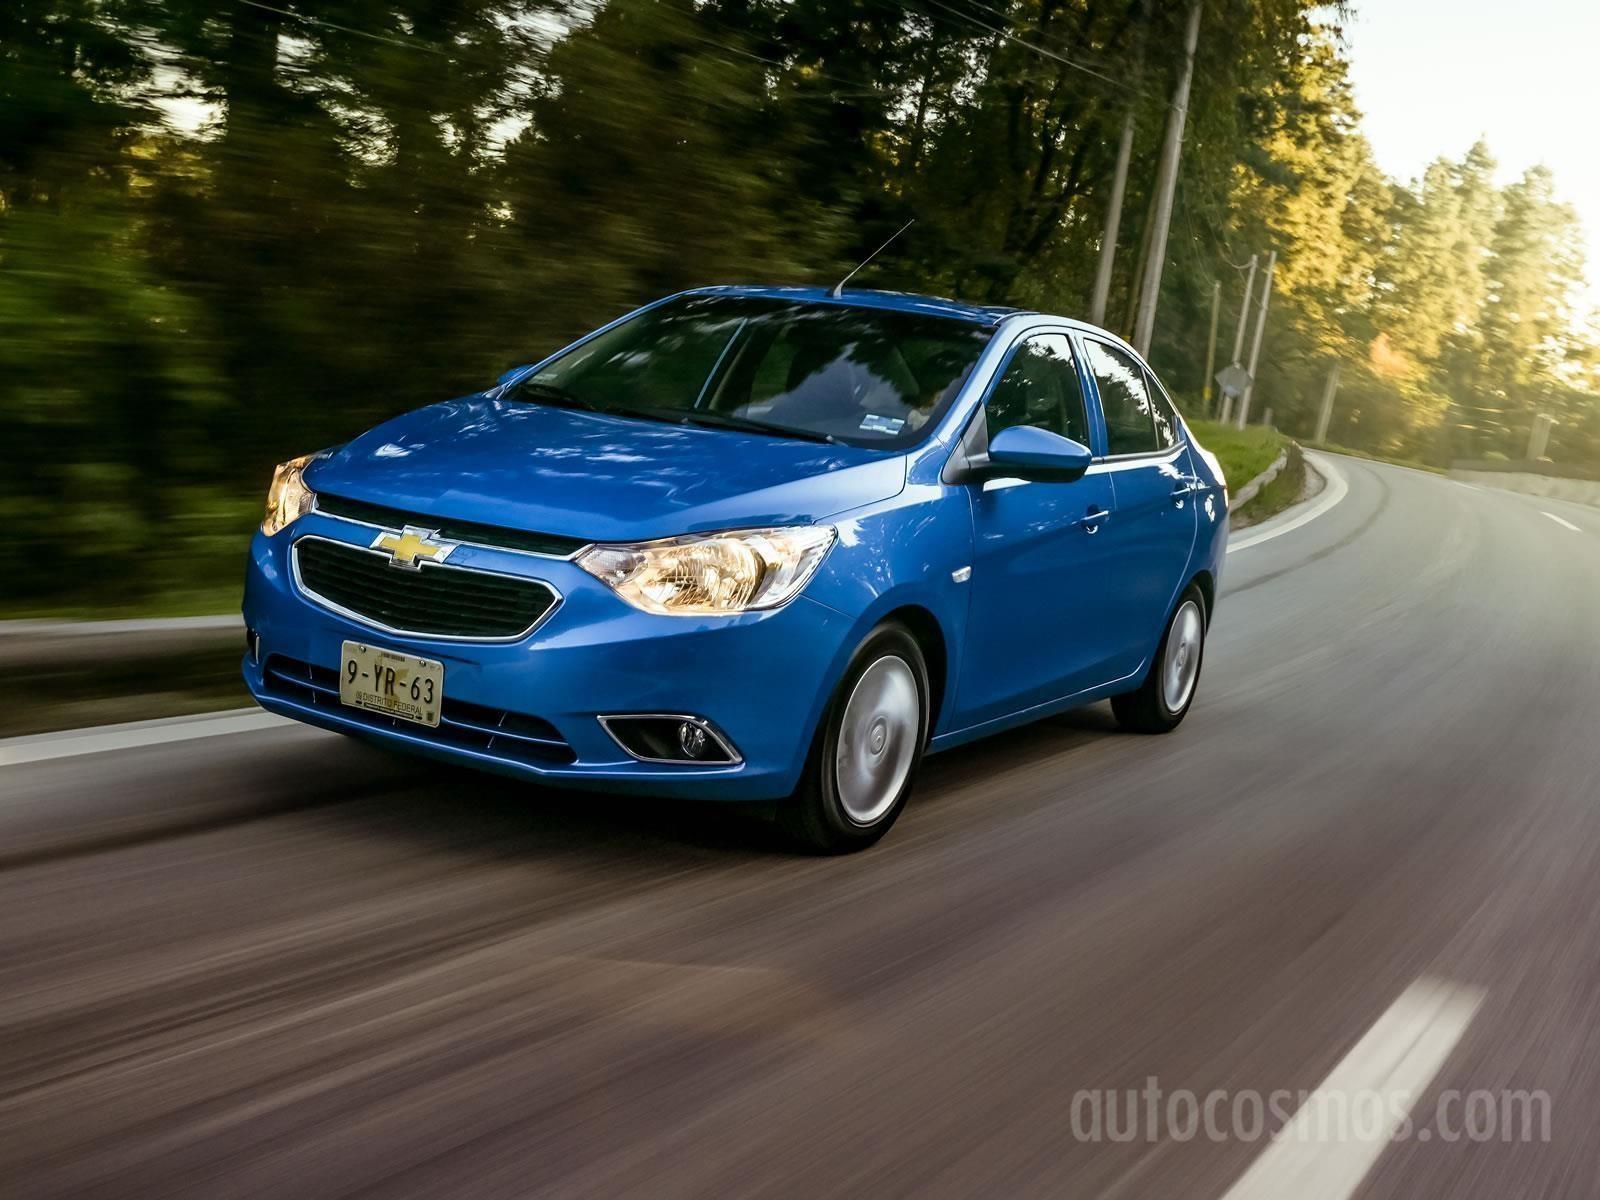 Chevrolet Aveo 2018 a prueba - Autocosmos.com